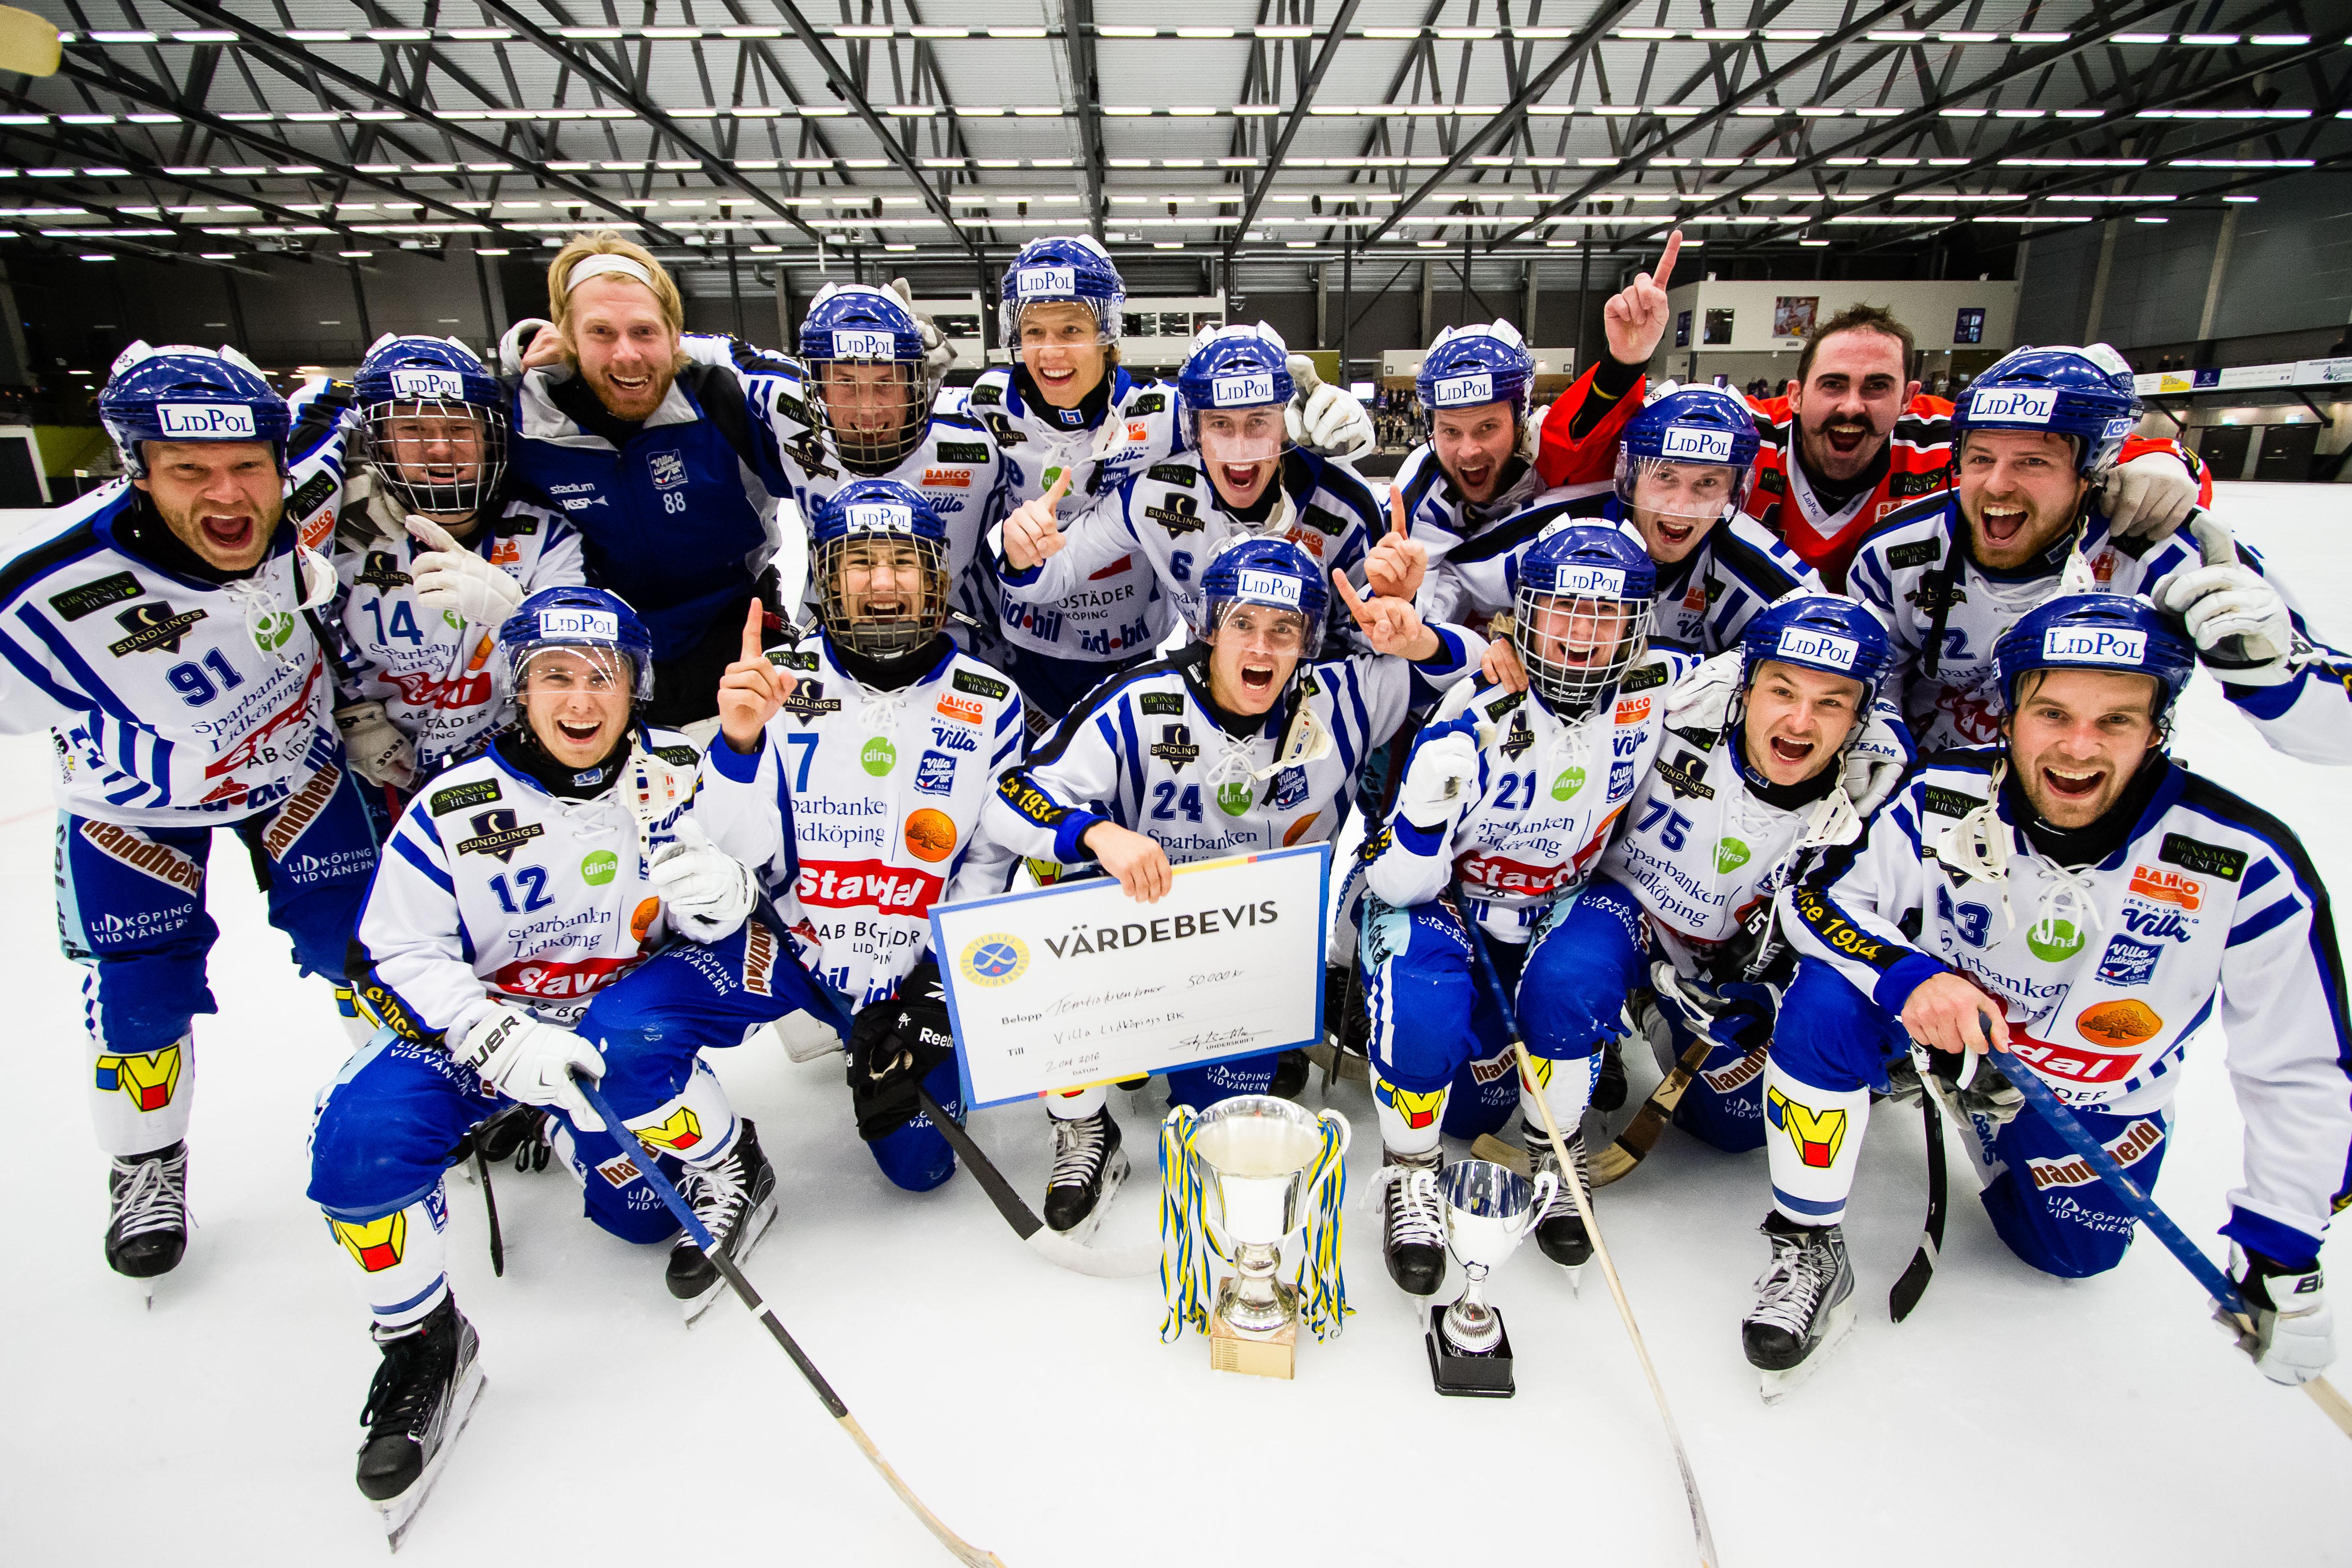 Svenska Cupen 2016 Villa Lidköping Finalen: Sandvikens AIK - Villa Lidköping 2-3 (2-1)